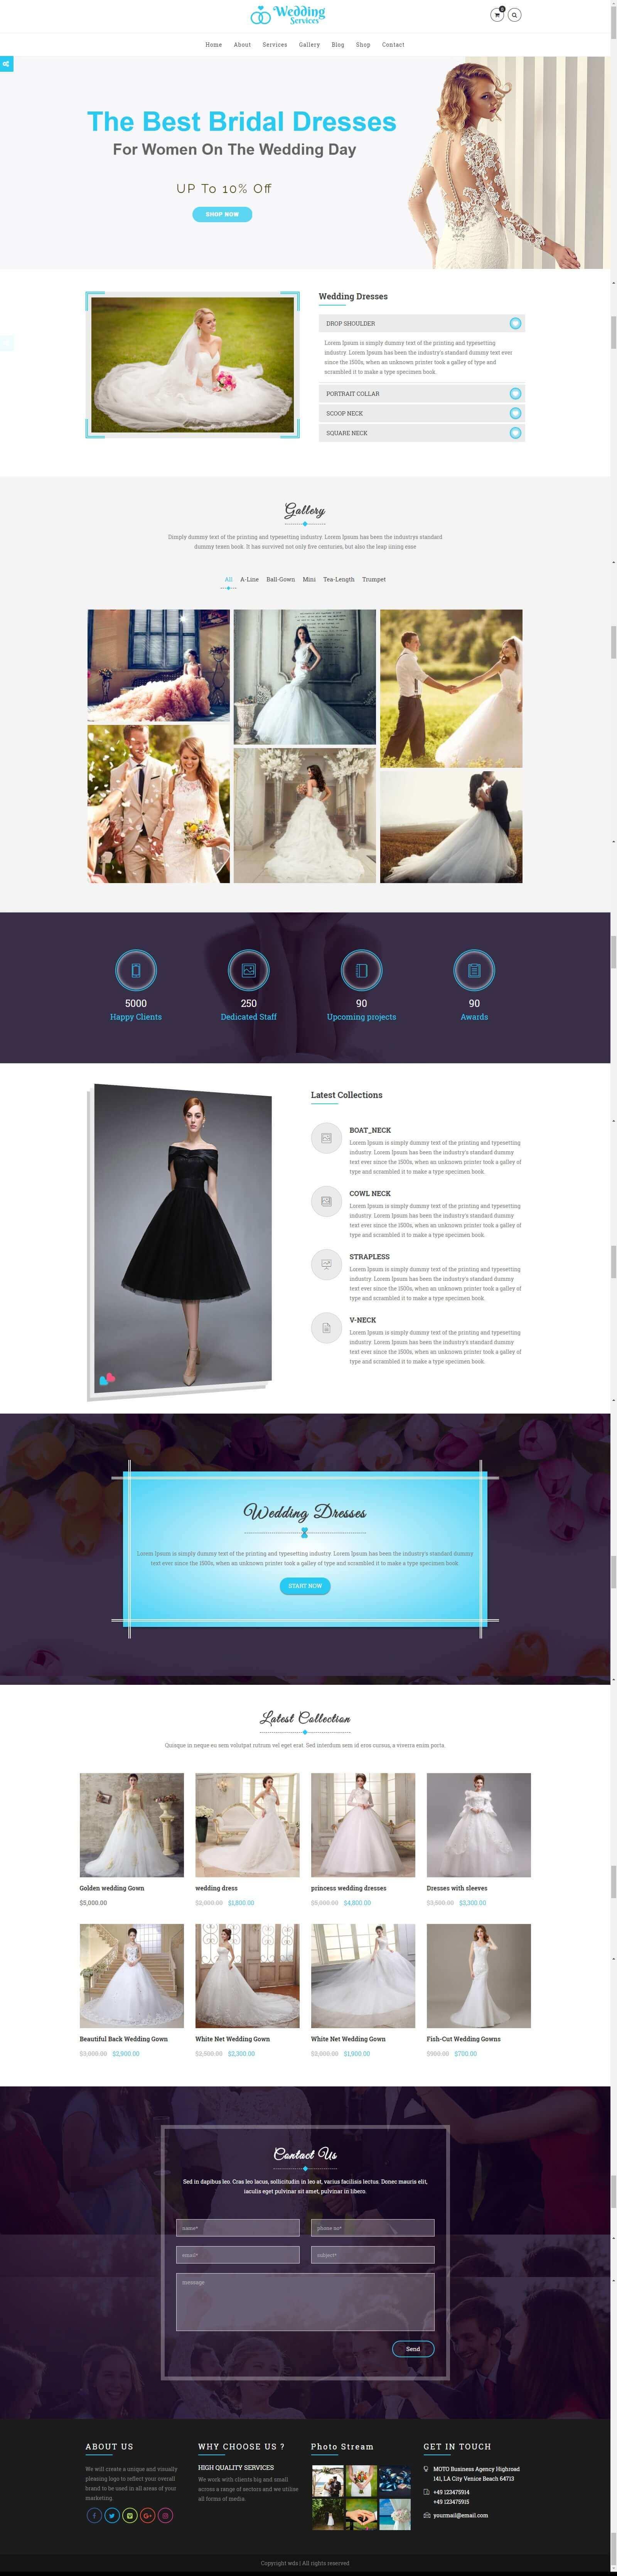 Mẫu website dịch vụ tiệc cưới đẹp, chuyên nghiệp, chuẩn seo